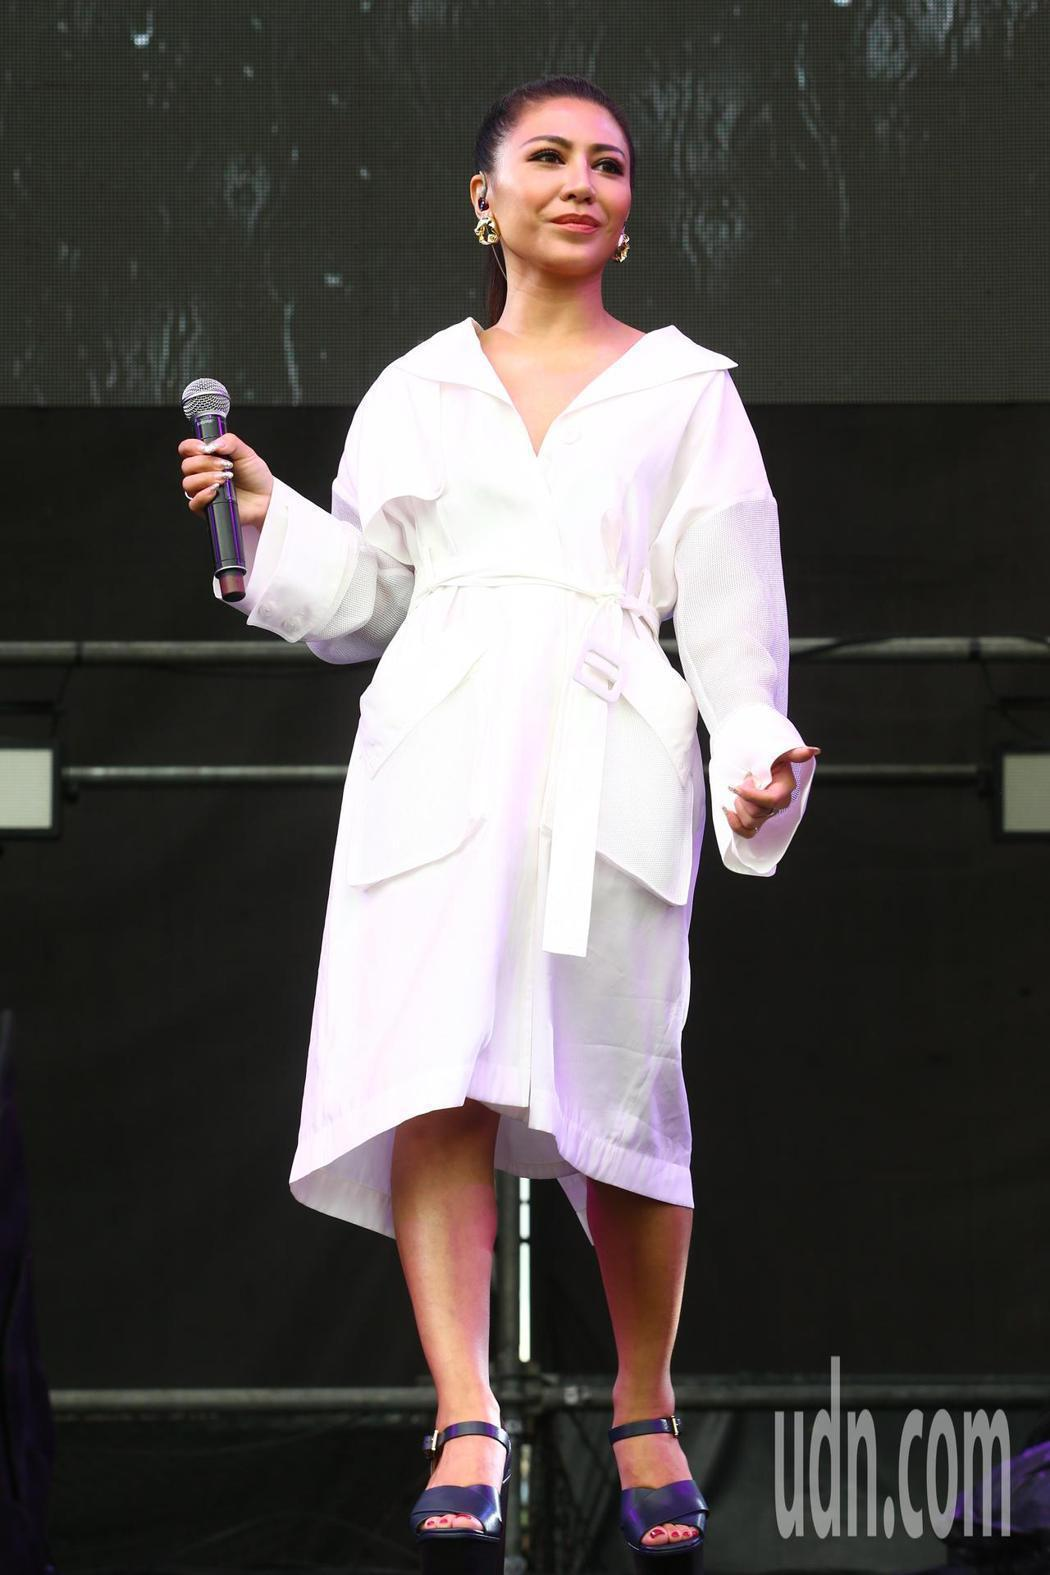 艾怡良擔任「綠生活音樂節」嘉賓。記者葉信菉/攝影